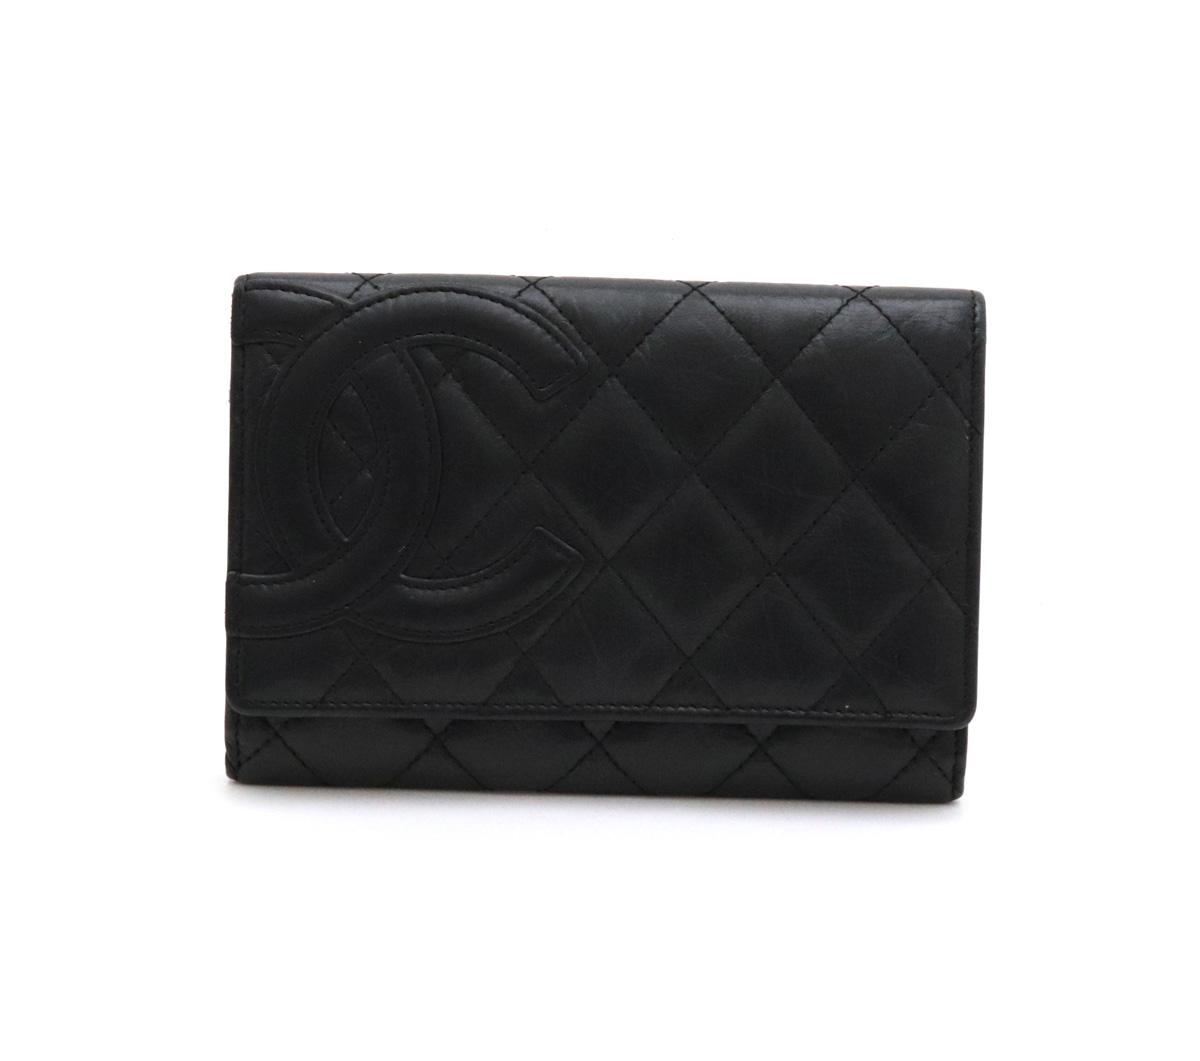 【財布】CHANEL シャネル カンボンライン ココマーク 2つ折財布 二つ折り レザー ソフトカーフ 黒 ブラック A26722 【中古】